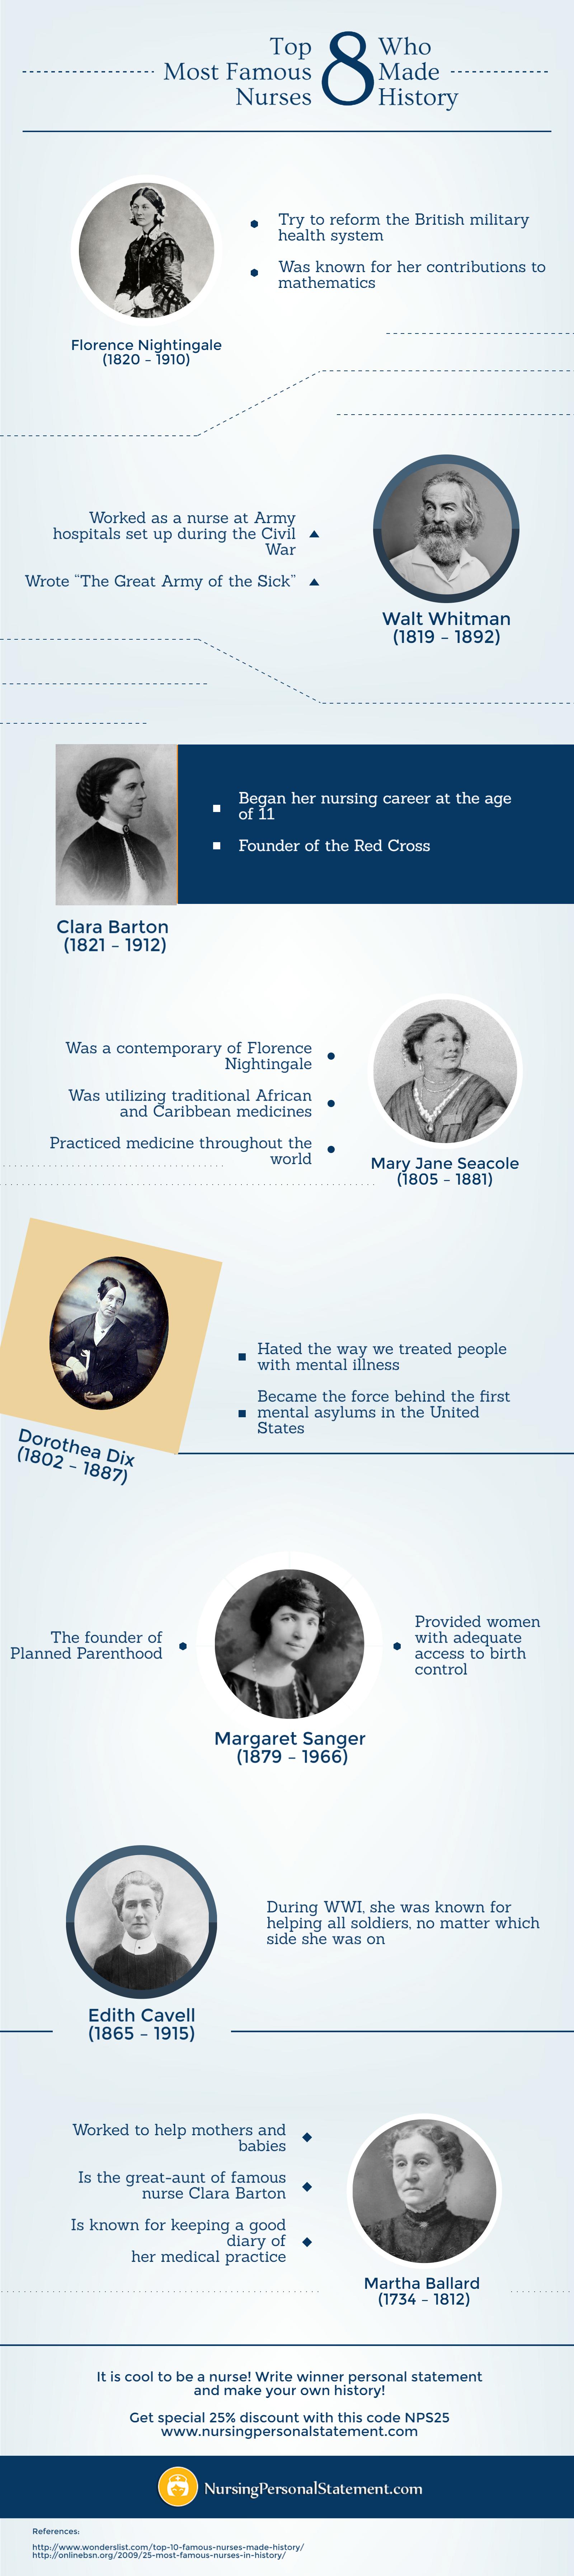 most famous nurses